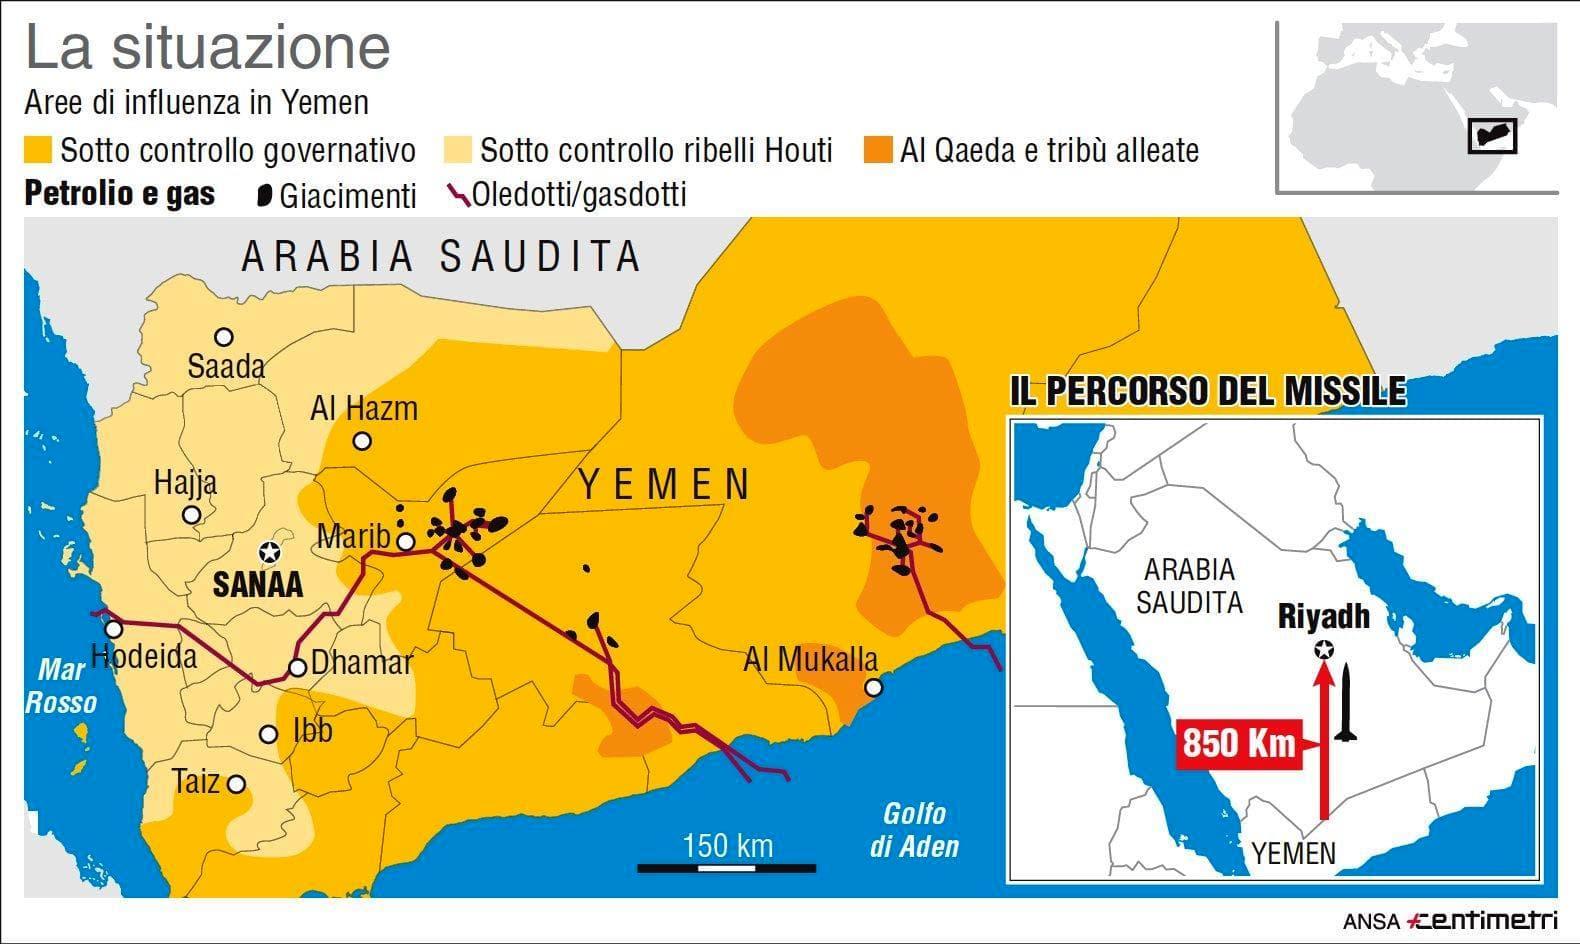 guerra yemen ansa infografica-2